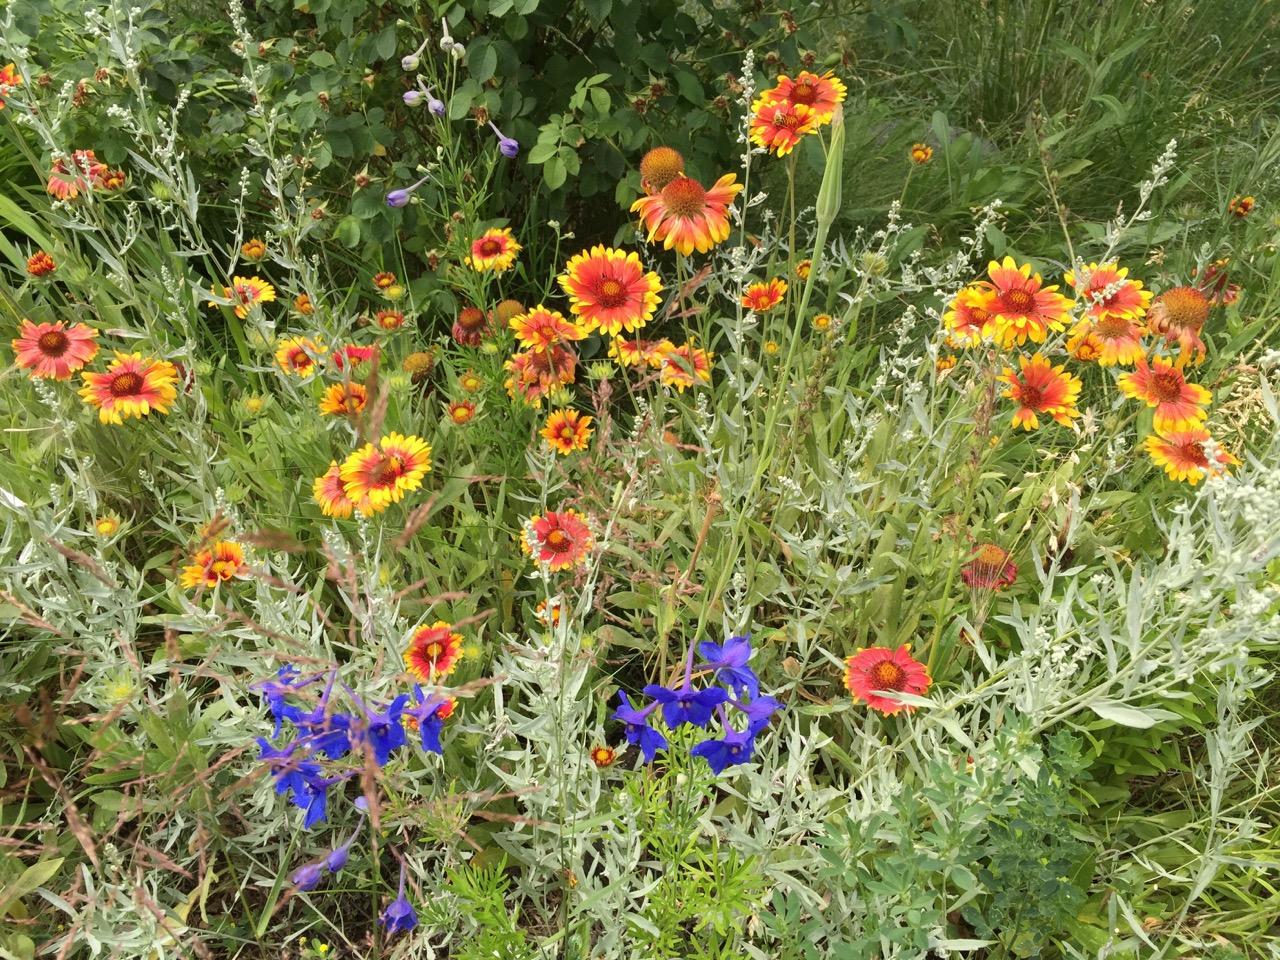 flowers-in-meadow